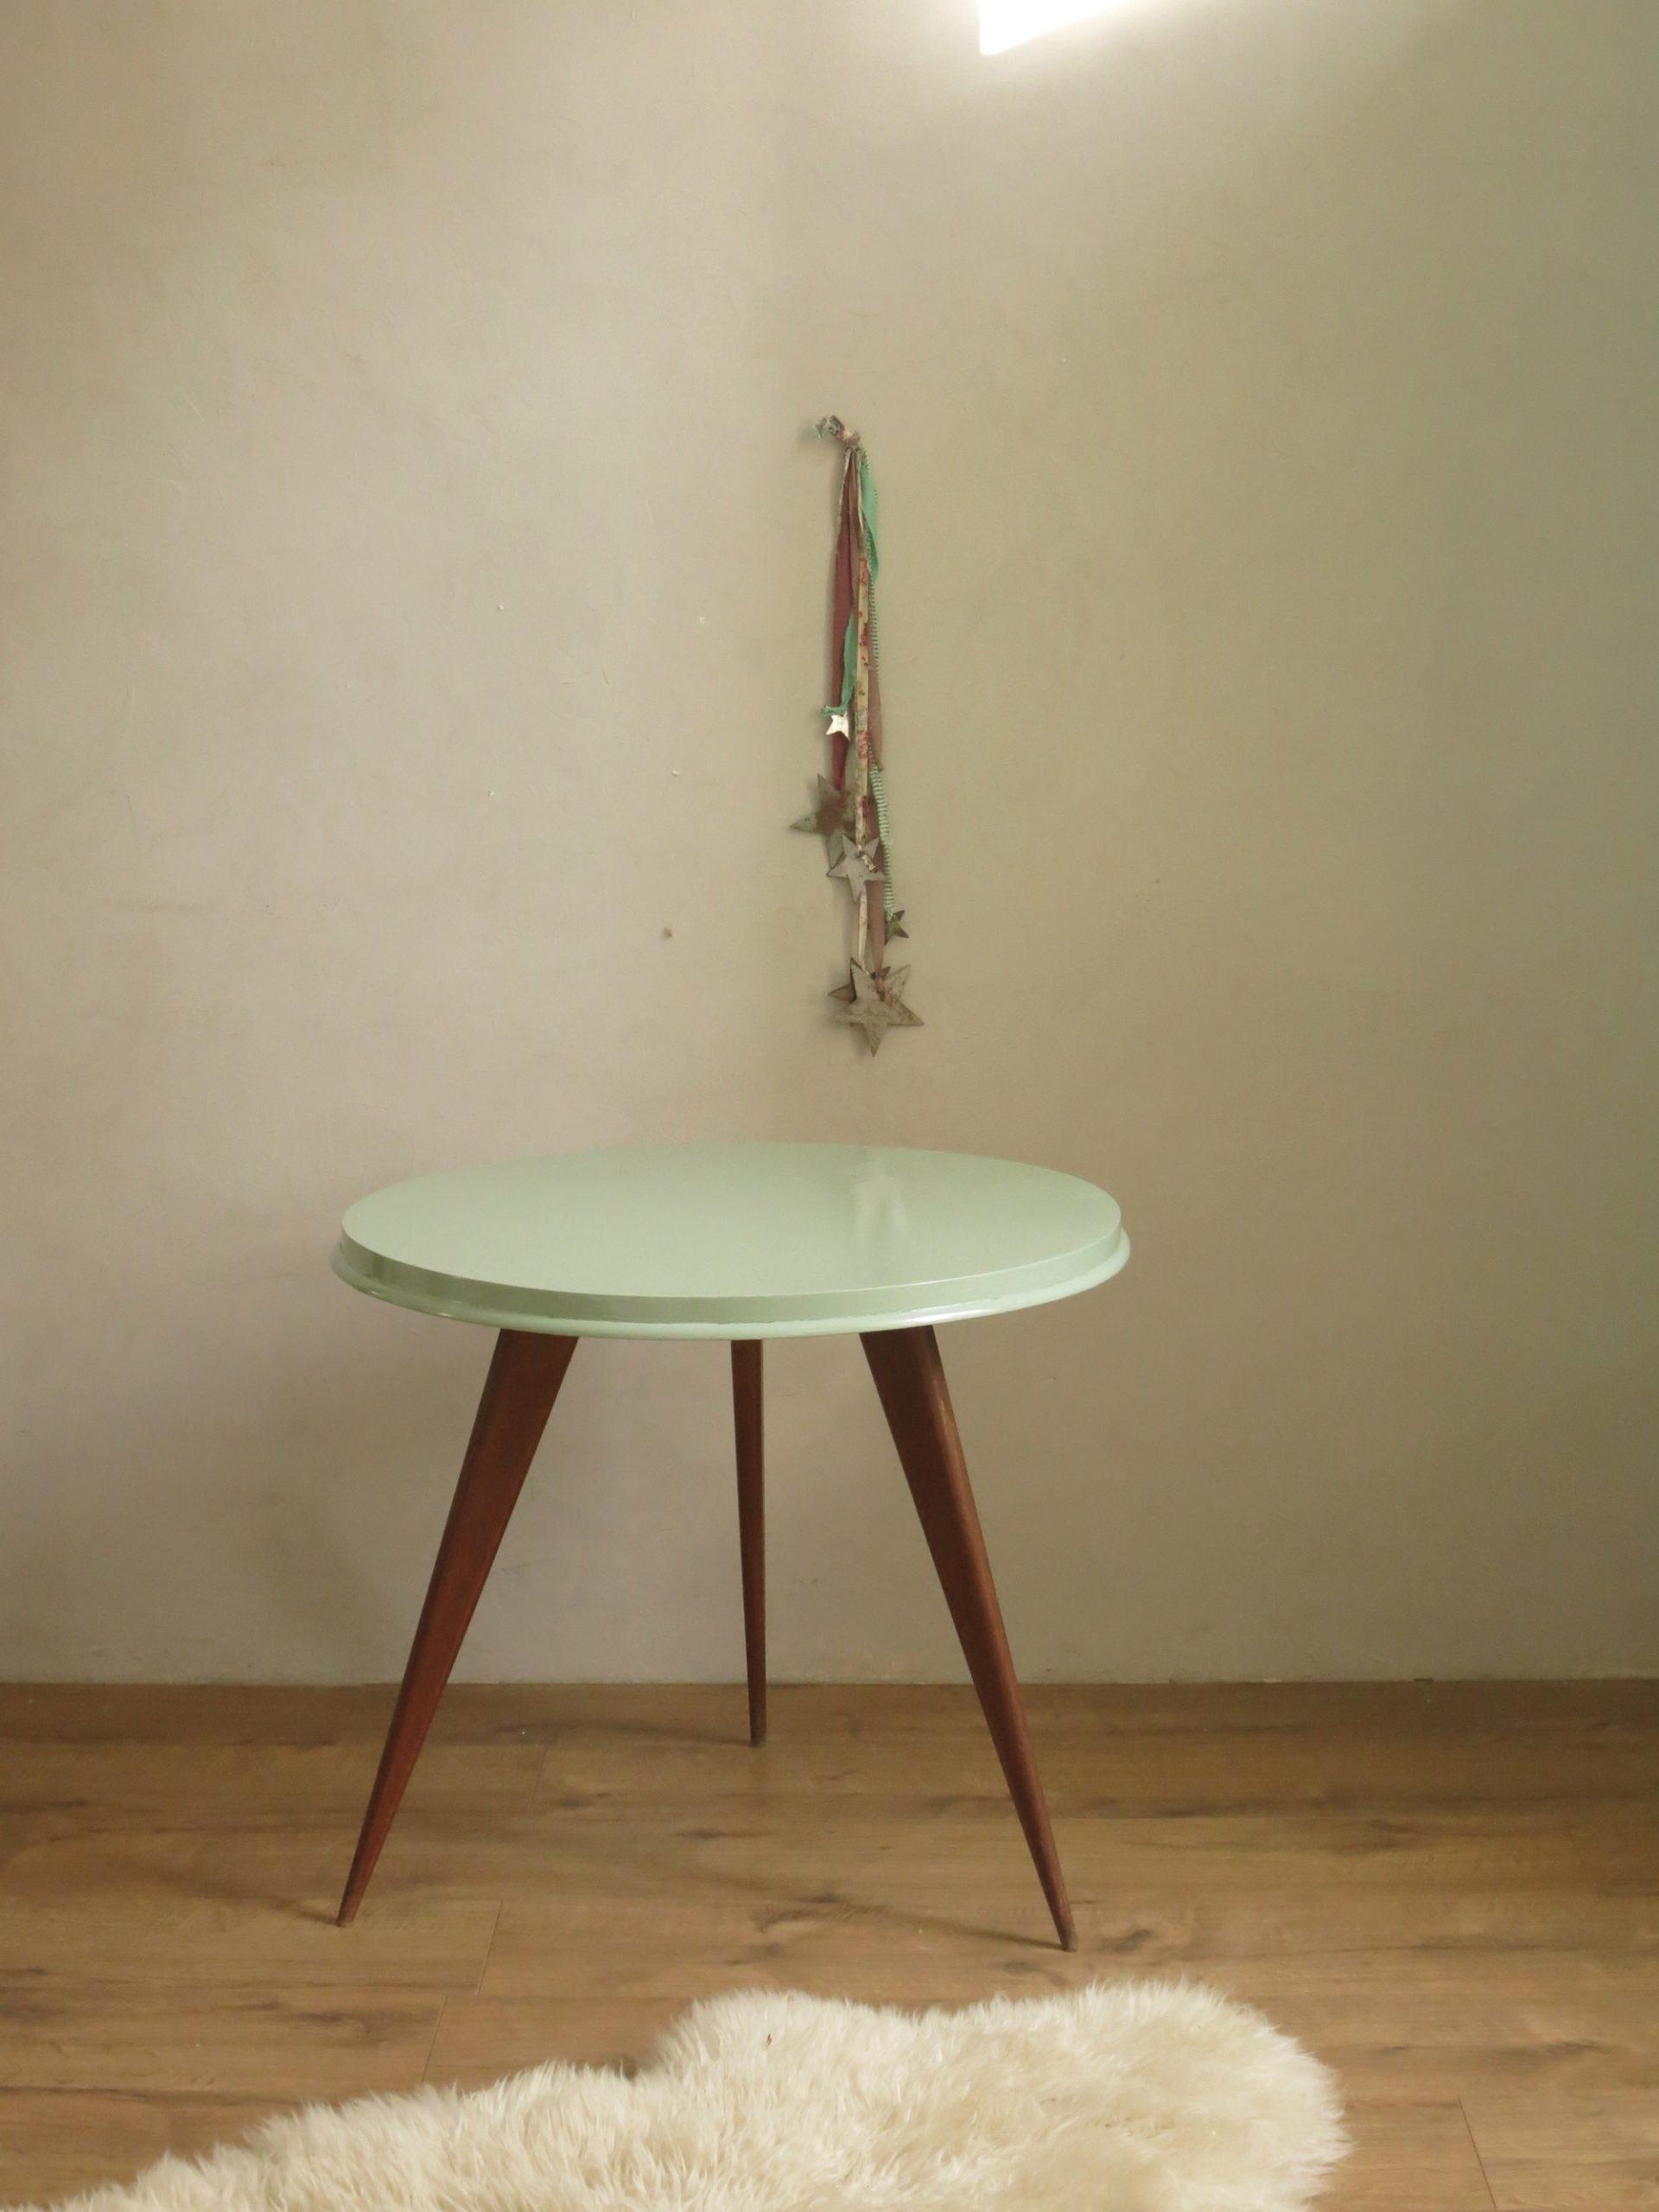 petite table pieds compas c 39 est vintage commodes tables et buffets vintage. Black Bedroom Furniture Sets. Home Design Ideas